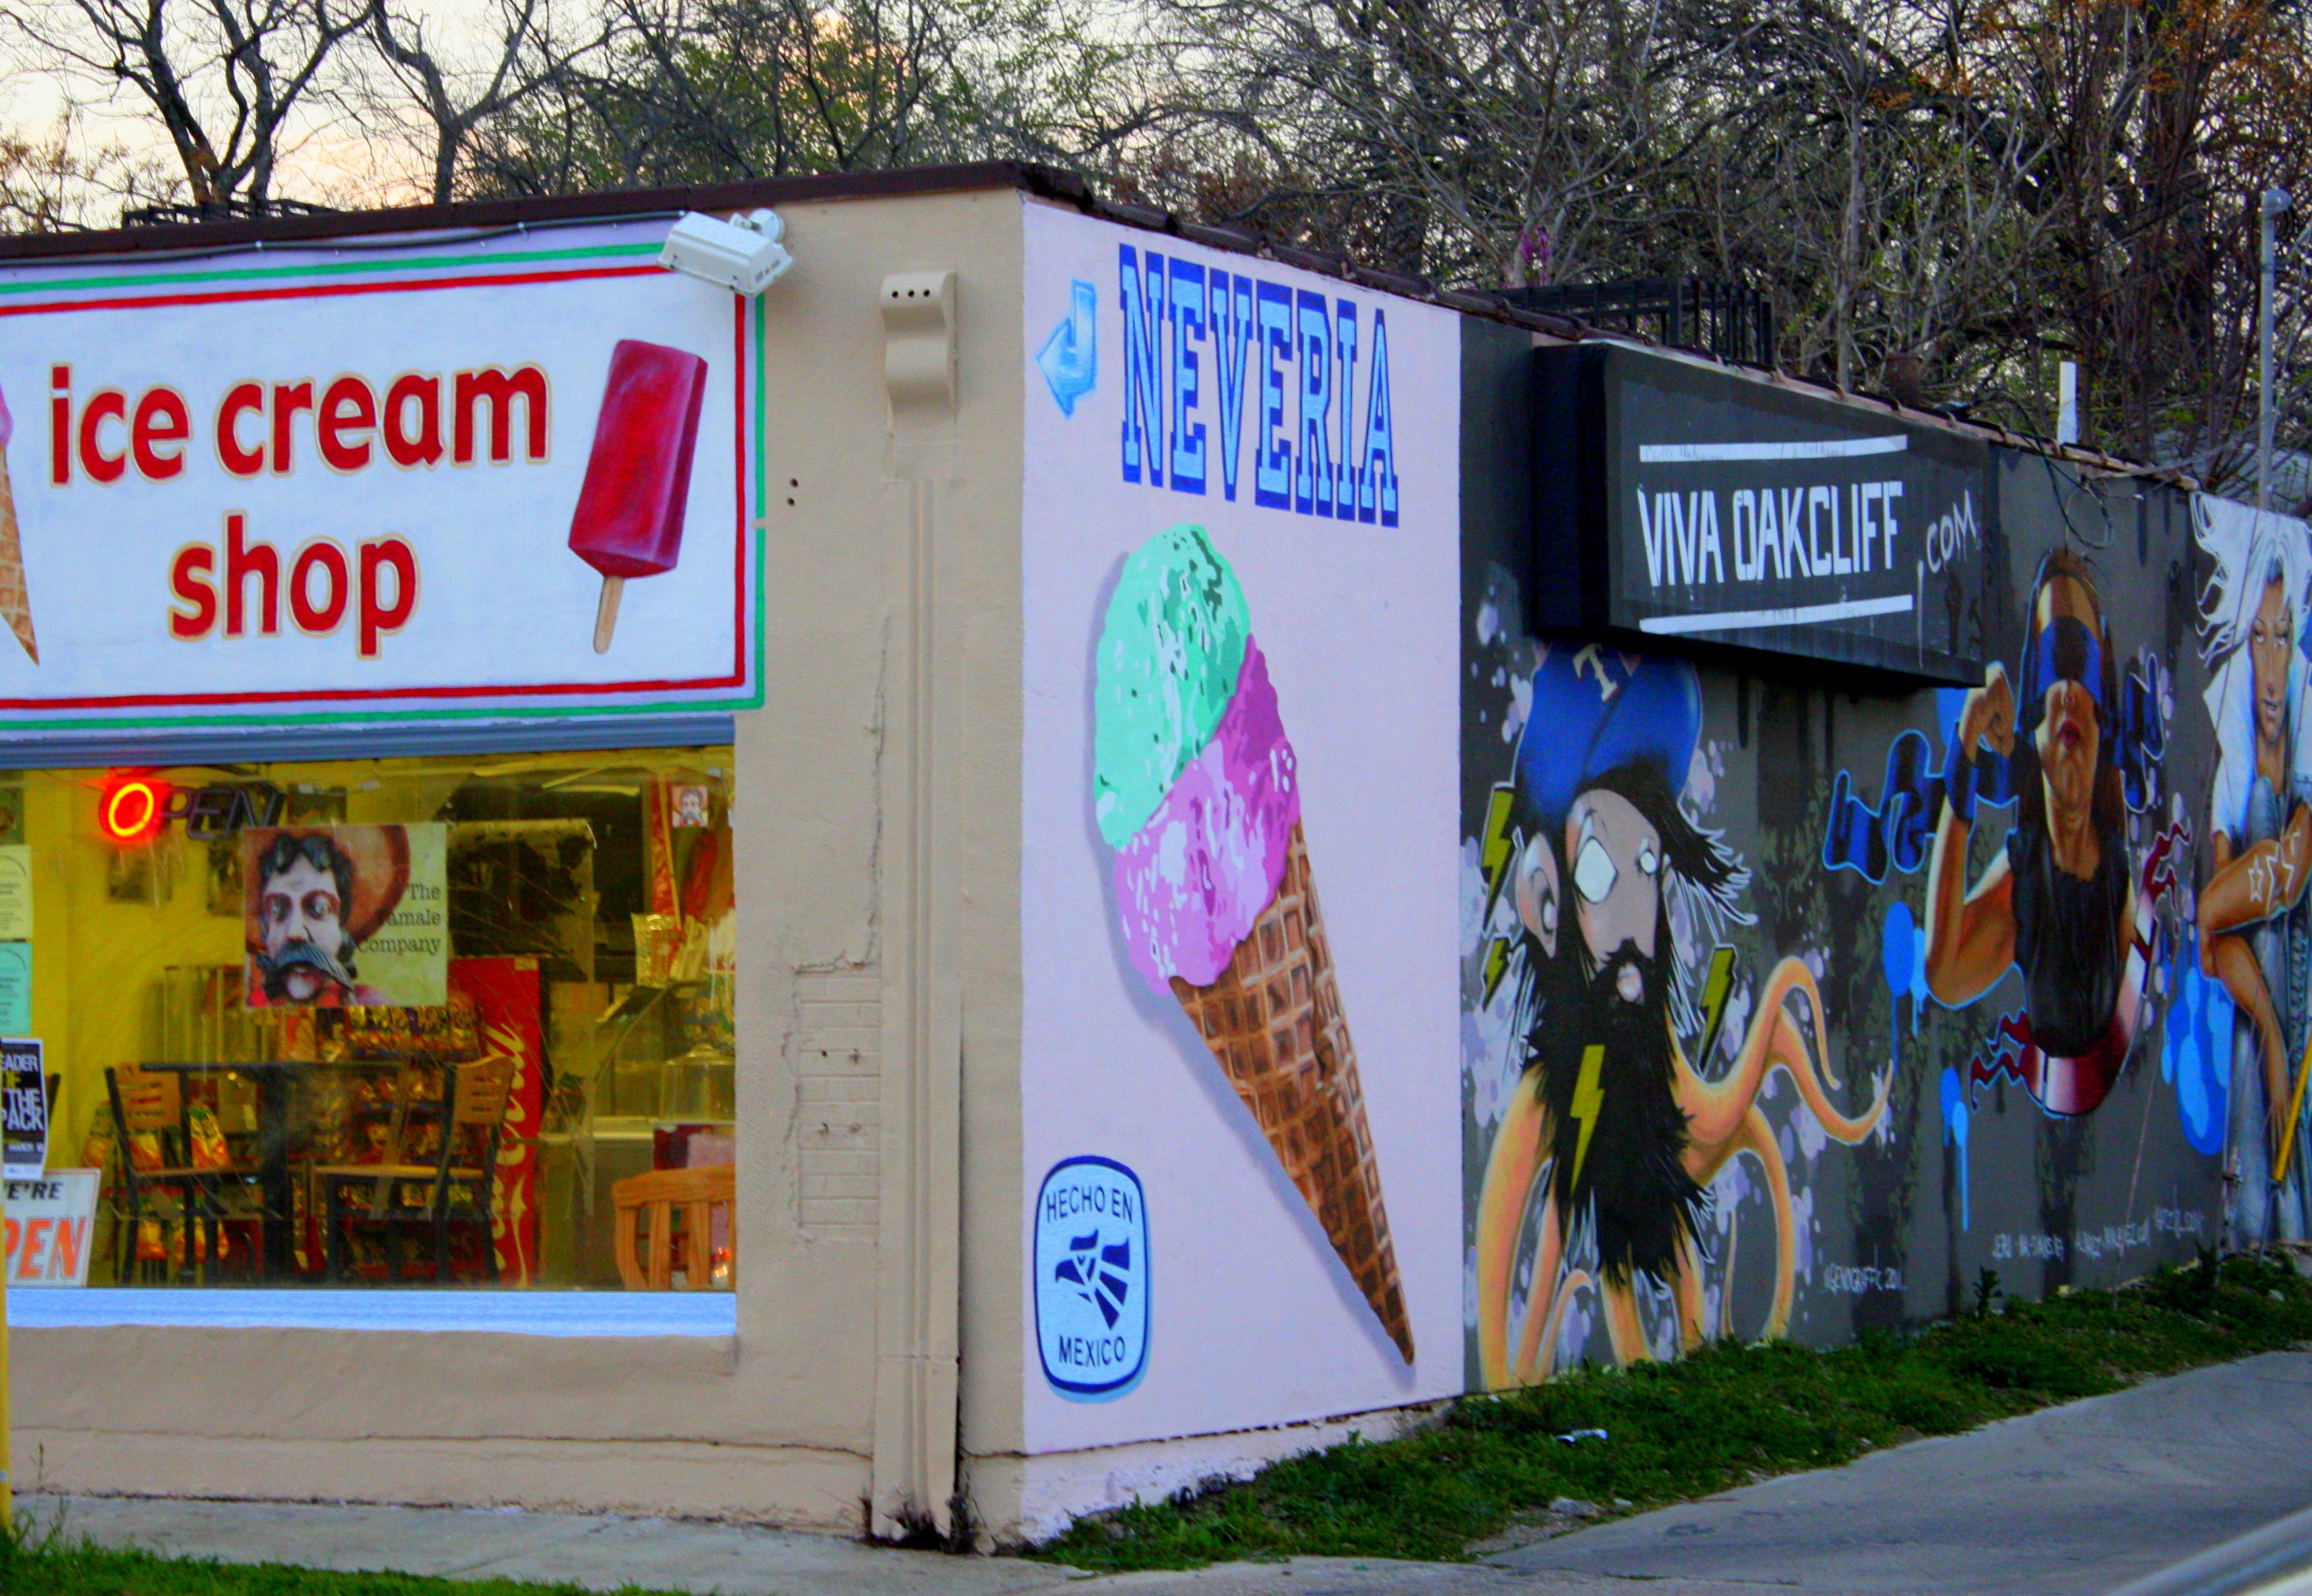 La michoacana ice cream dallas antonio rambl s travels for Dallas mural artists